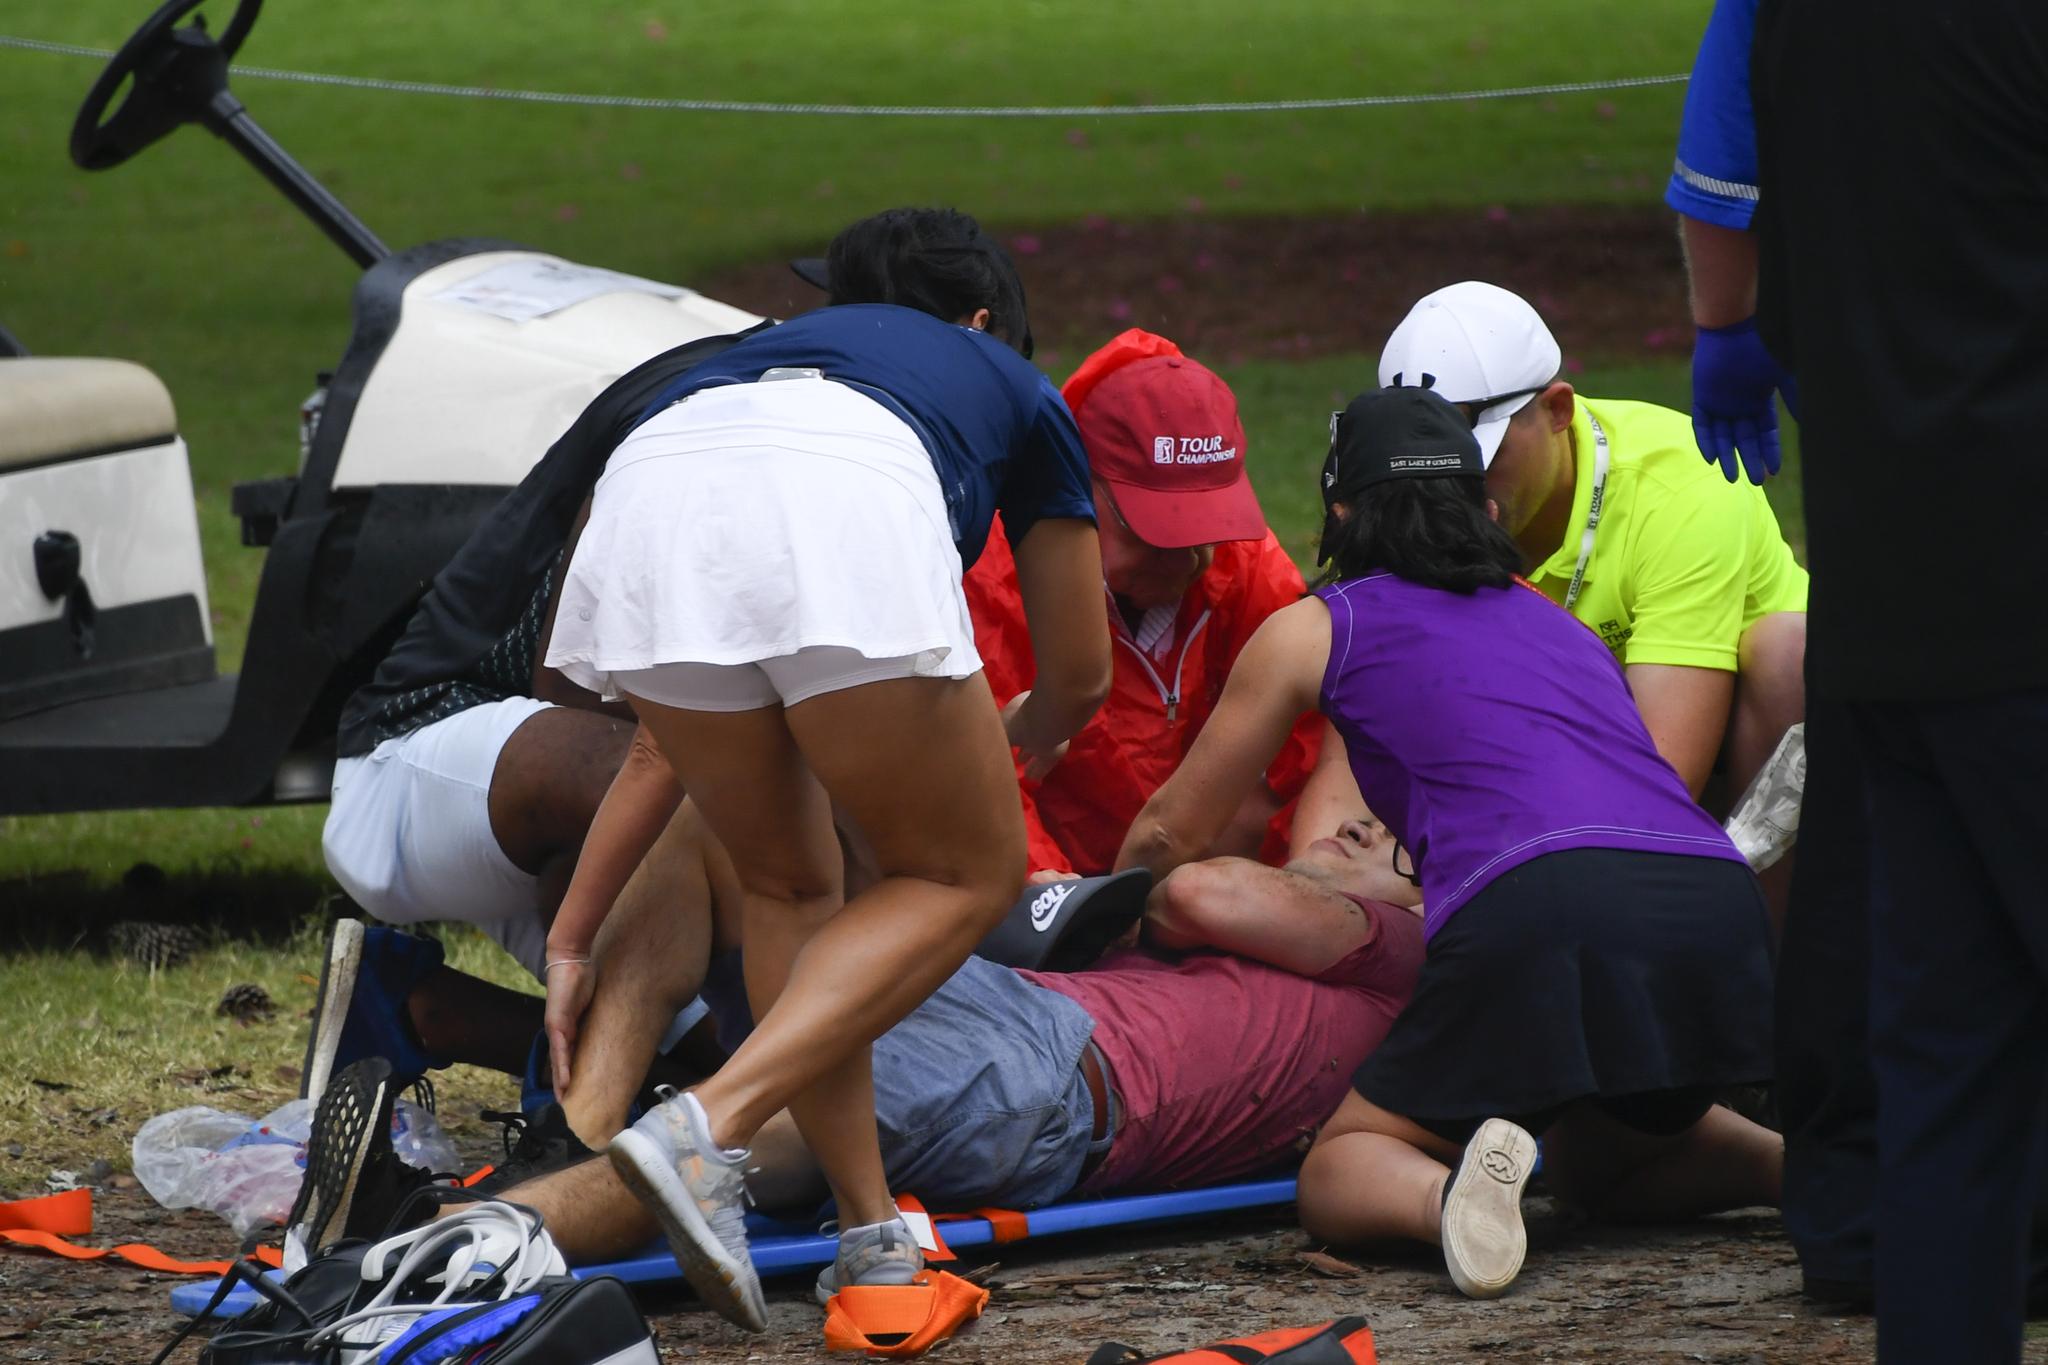 24일(현지시간) 오후 미국 조지아주 애틀랜타 이스트 레이크 골프클럽에서 쓰러진 갤러리가 응급처치를 받고 있다. [AP=연합뉴스]